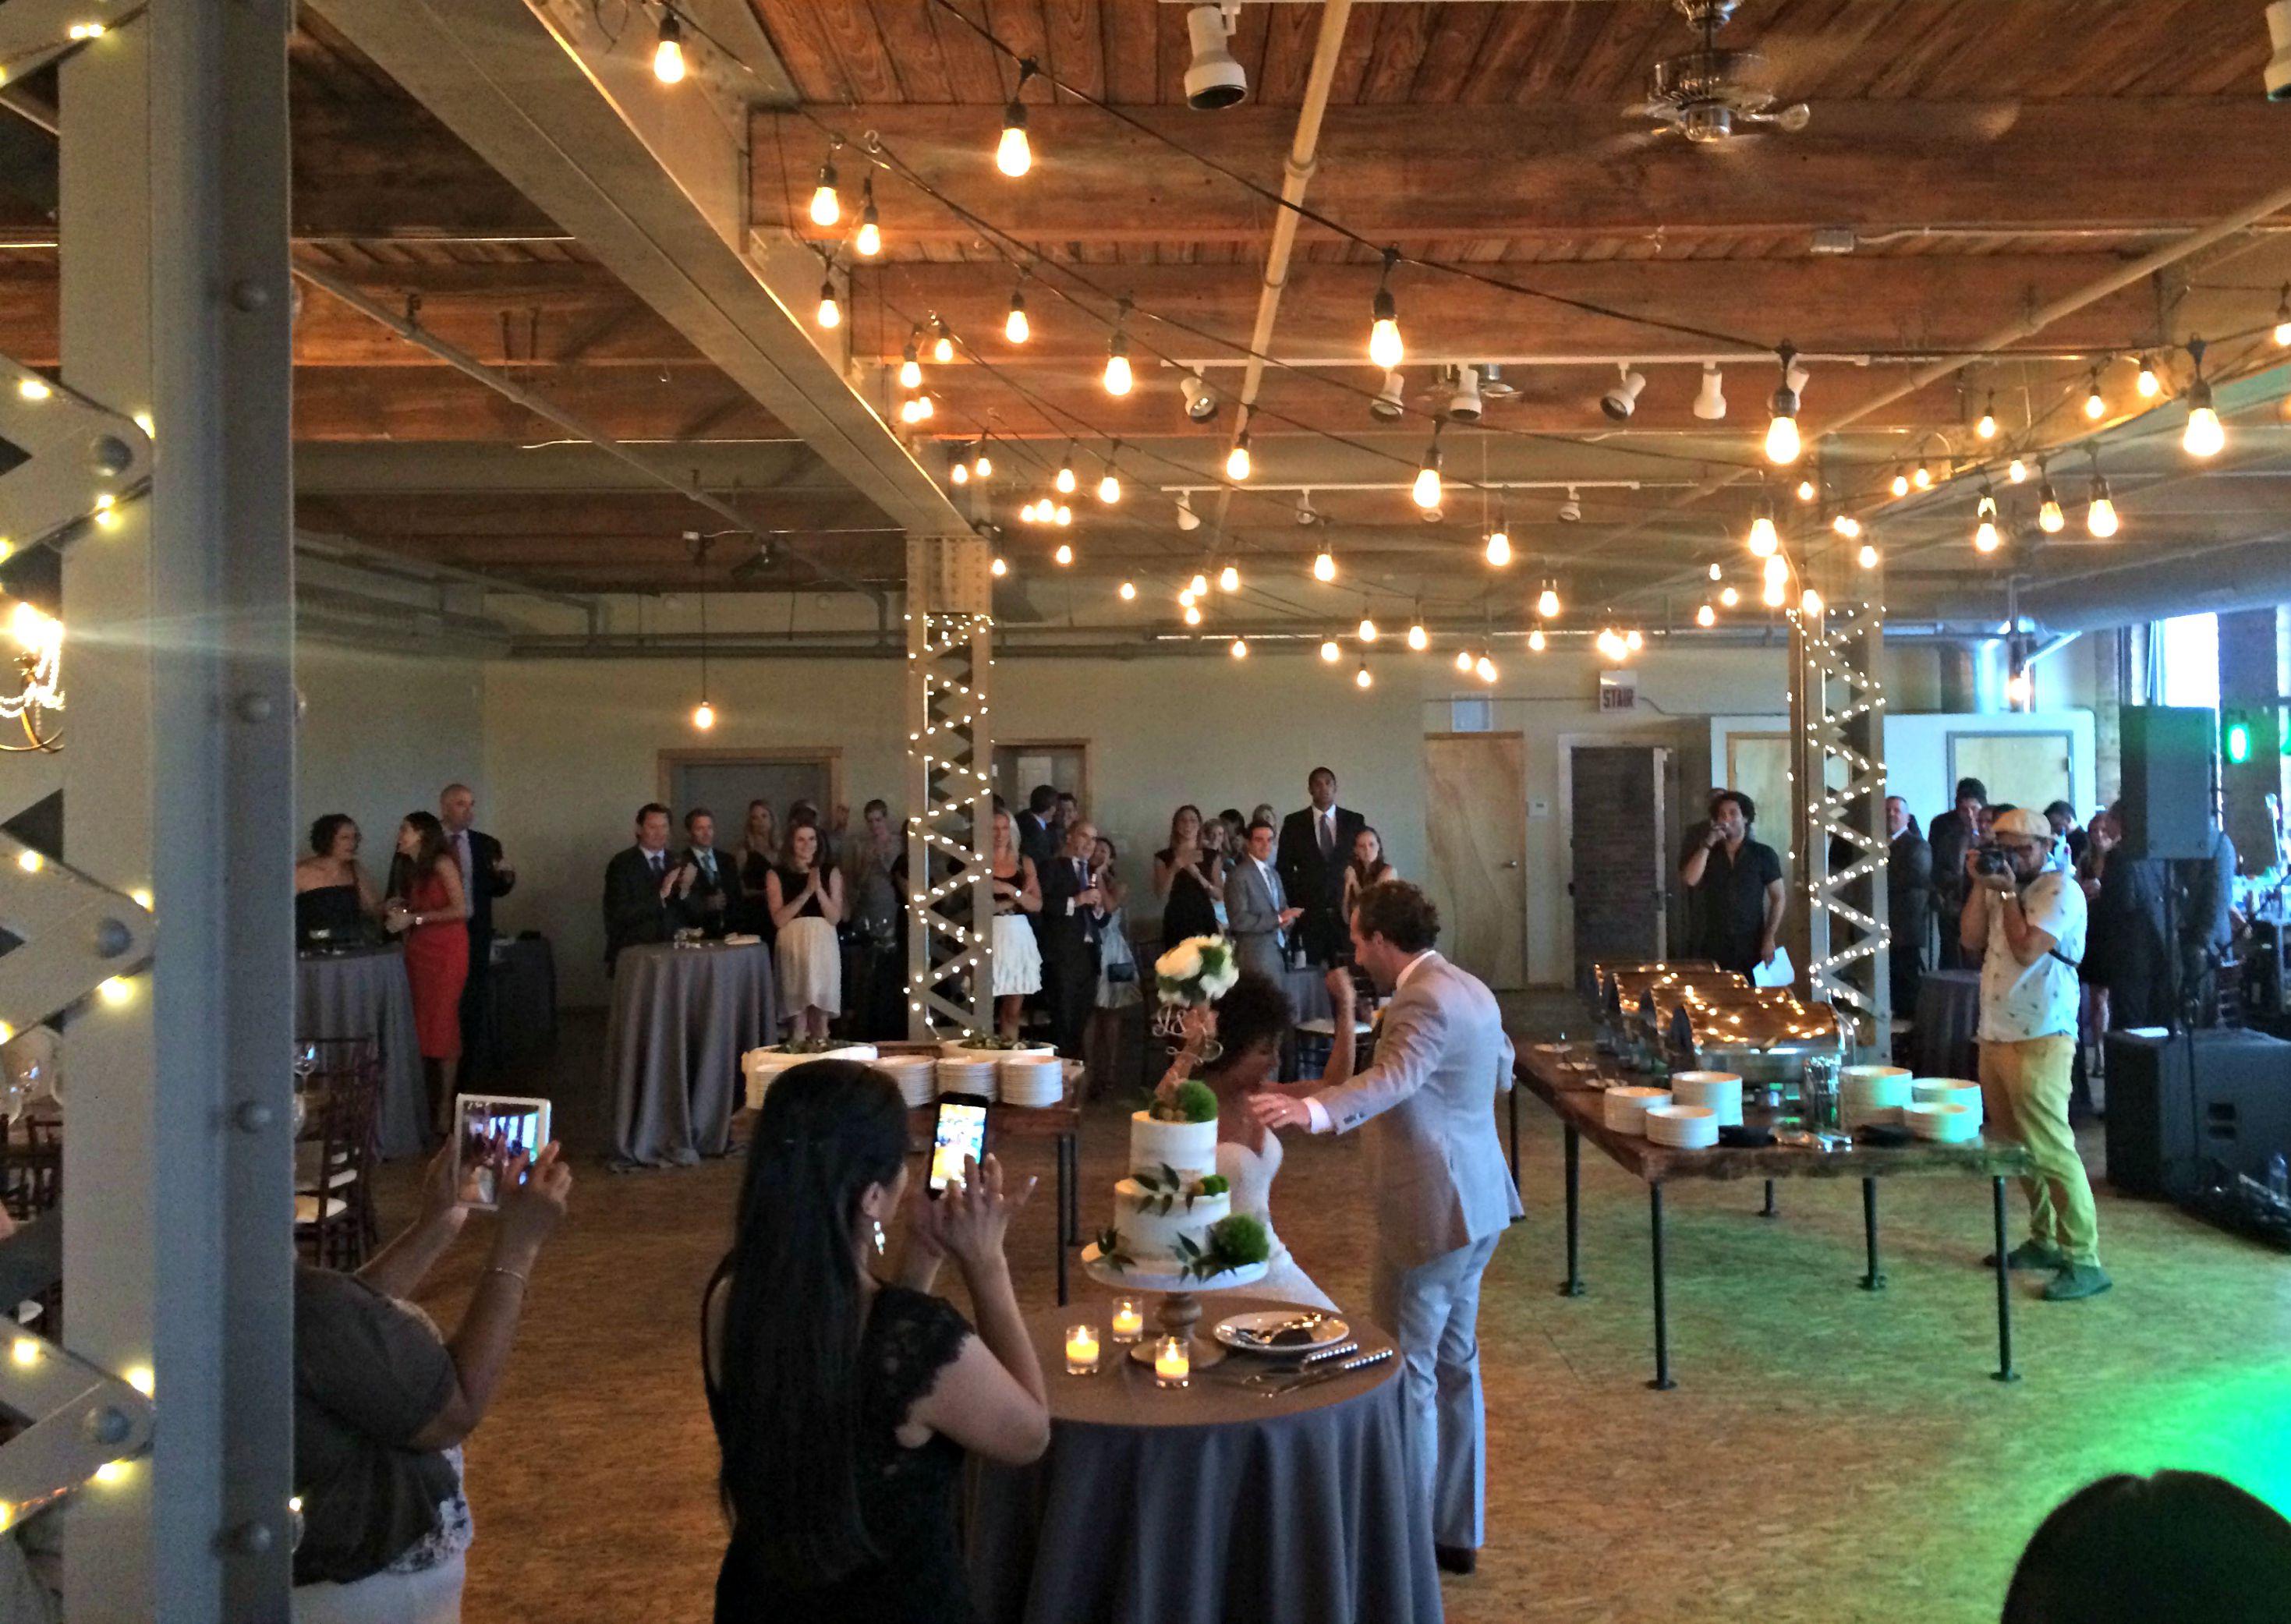 kim and jeremy's wedding